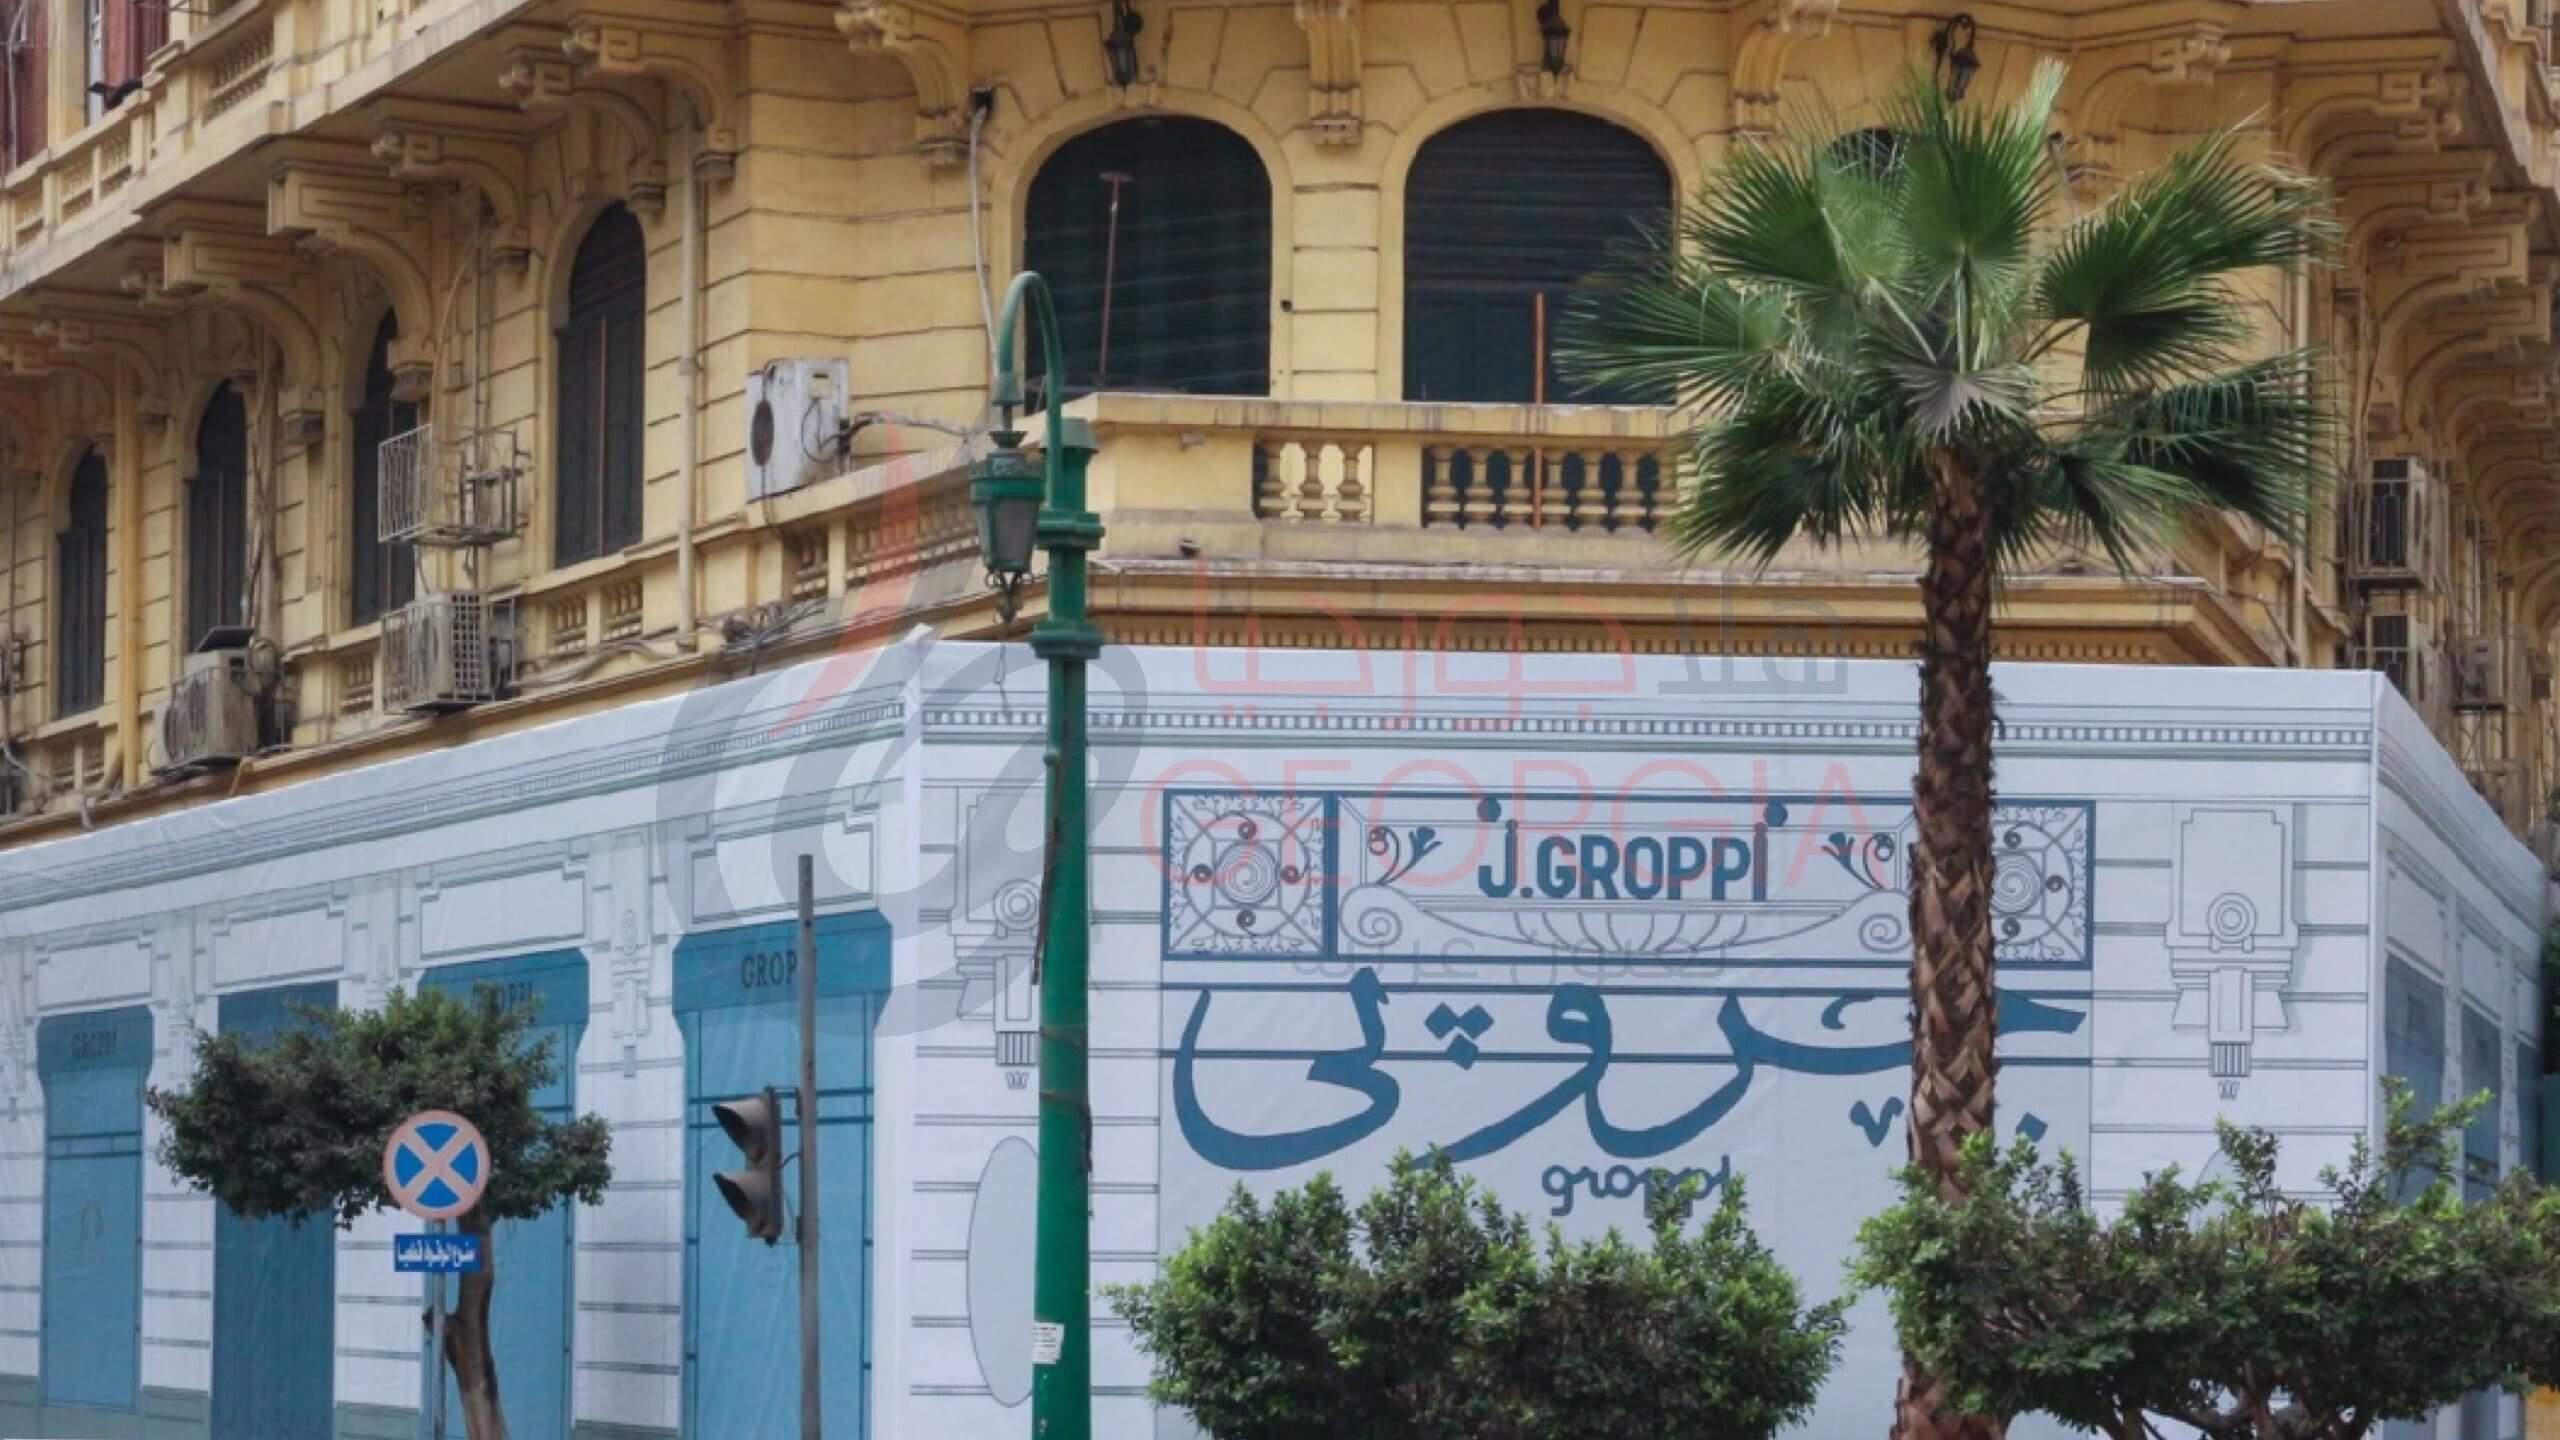 """اجلس في المقهى الشهير """" جروبي """" اللي في شارع الأهرام ... و تشدو أم كلثوم من خلال السماعات الداخلية للمكان بأغنيتها الشهيرة"""